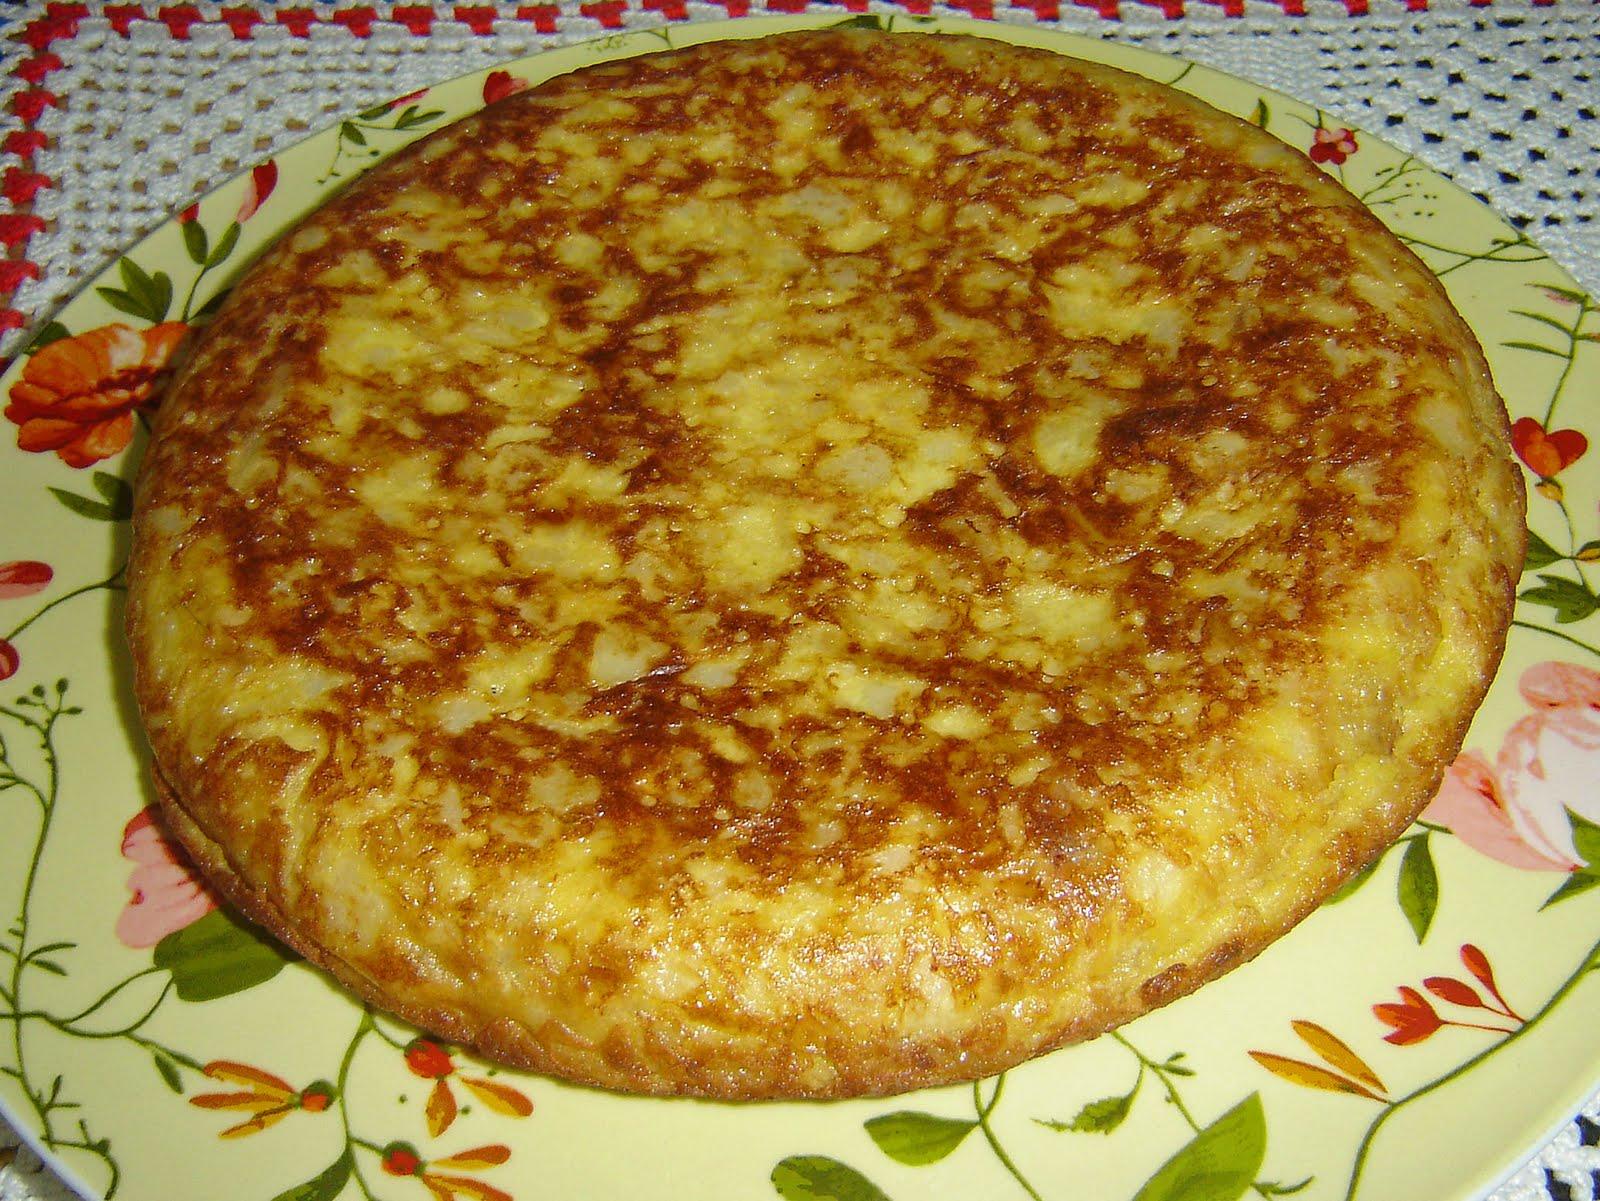 Cocina Casera Facil: TORTILLA DE PATATA